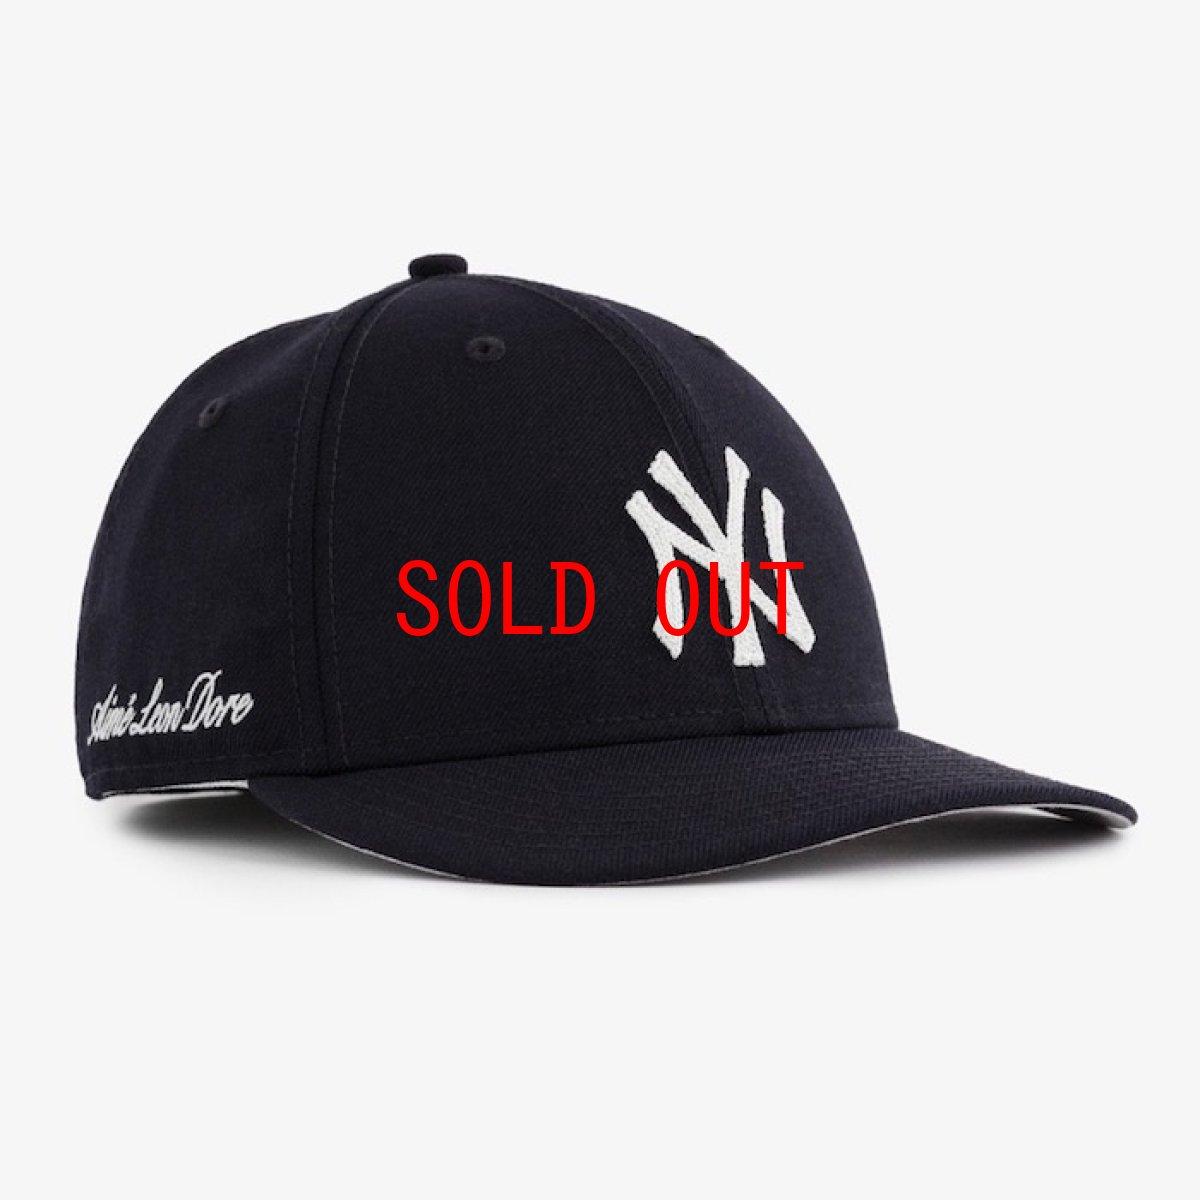 画像1: × Aime Leon dore(エイメ レオン ドレ) LP 59Fifty Cap NewYork Yankees Chain Stitch Navy ニューヨーク ヤンキース Kith ネイビー ホワイト (1)